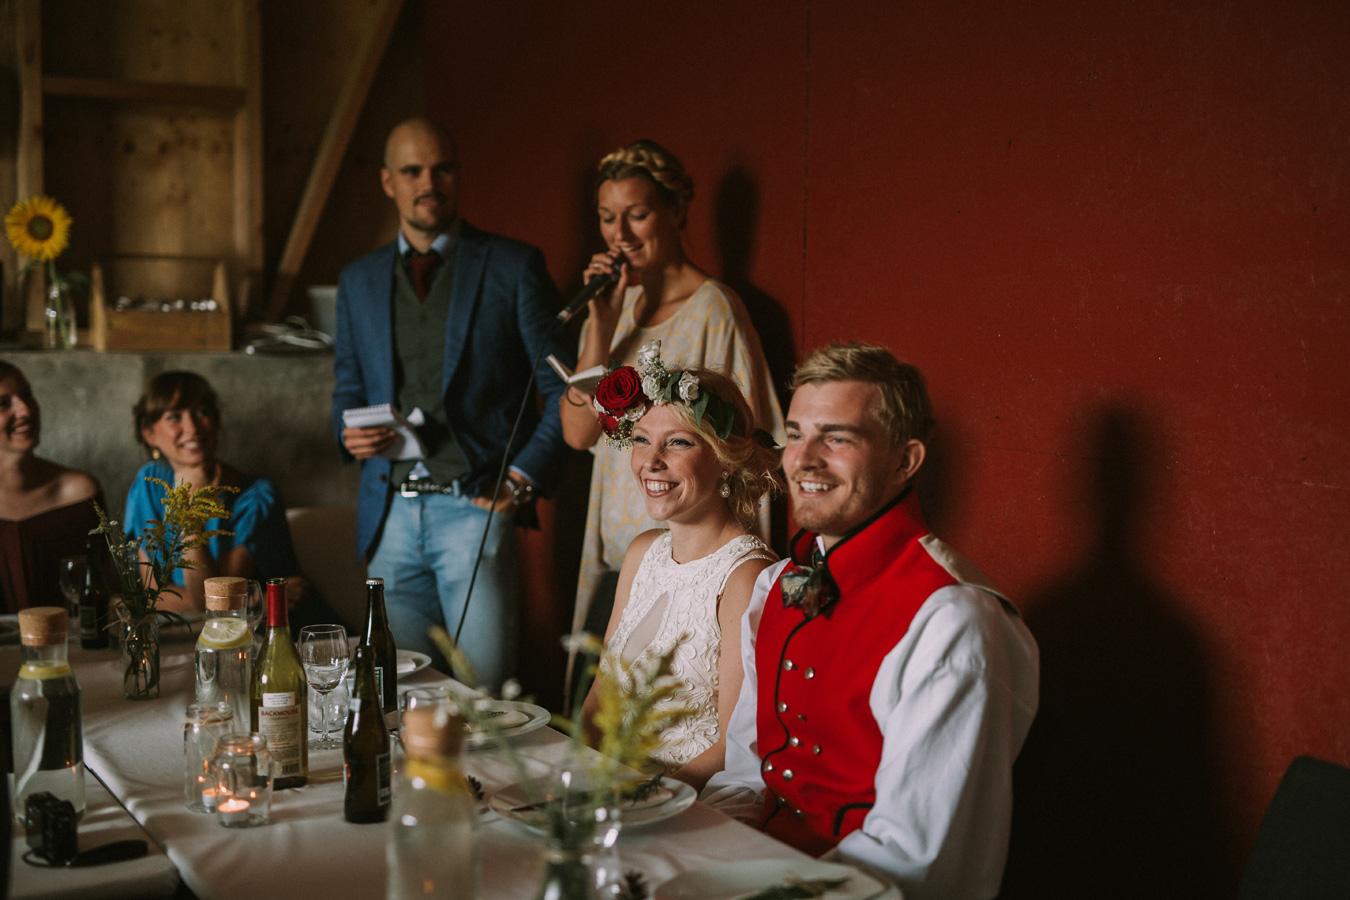 054-bryllupsfotograf-oslo-drobak-laavebryllup-tone-tvedt.jpg